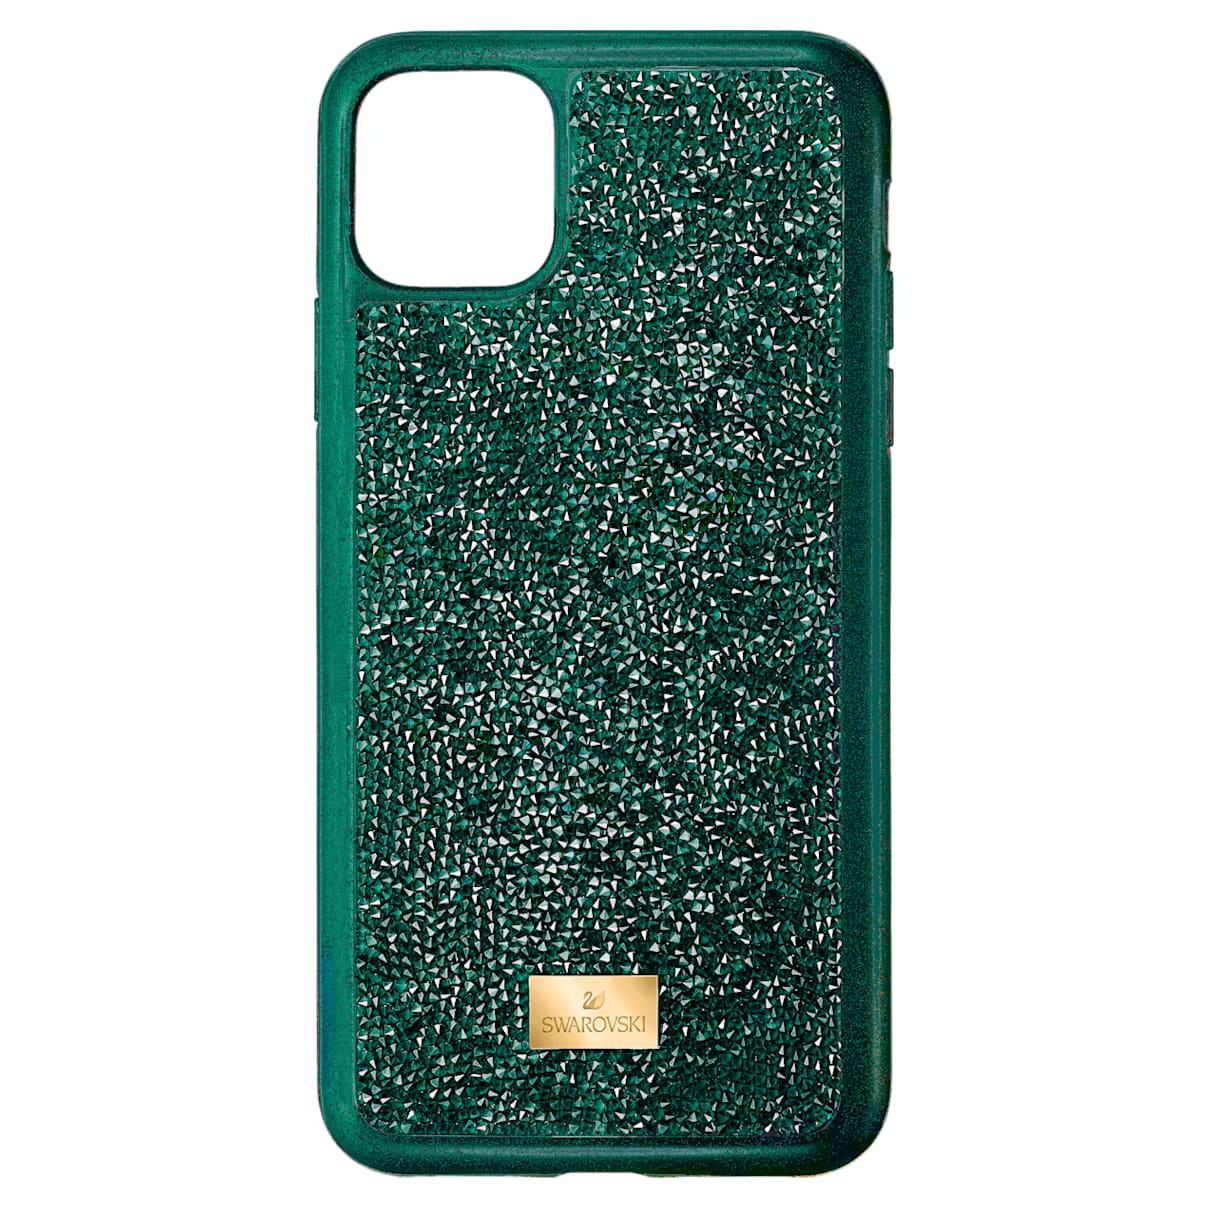 Custodia per smartphone con bordi protettivi Glam Rock, iPhone® 11 Pro Max, verde